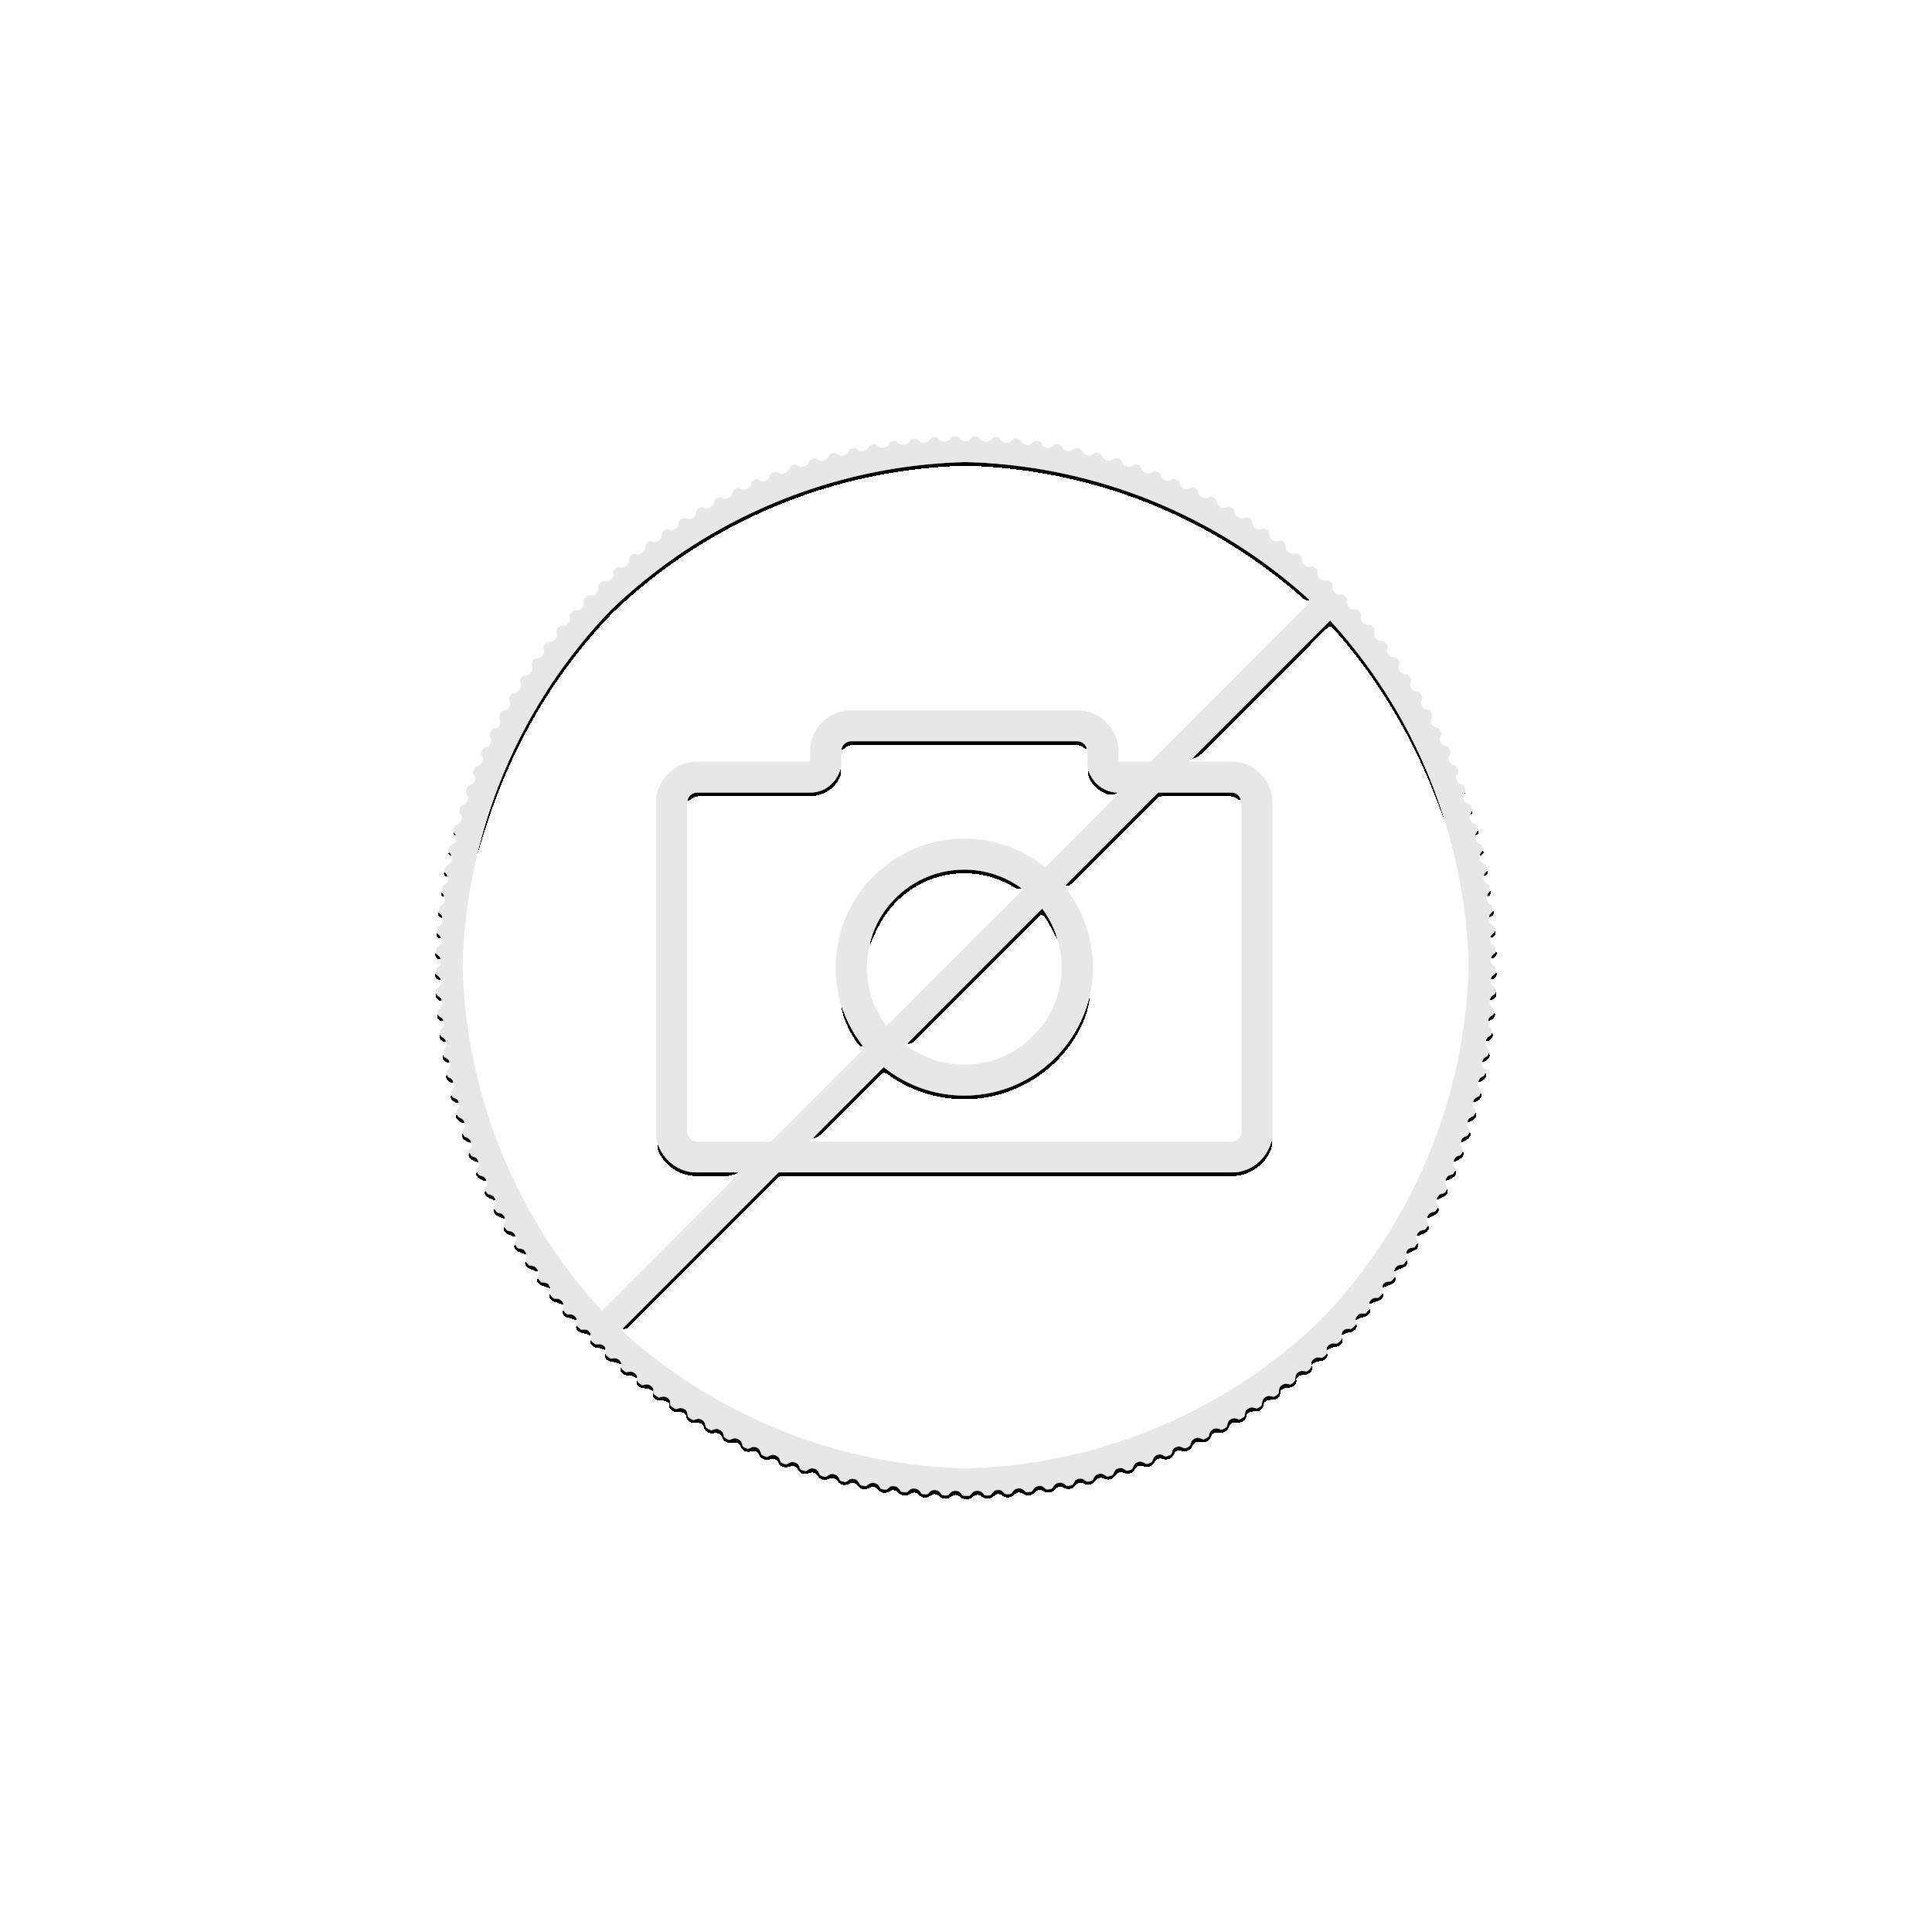 1 kilogram gold Lunar 2017 Rooster coin